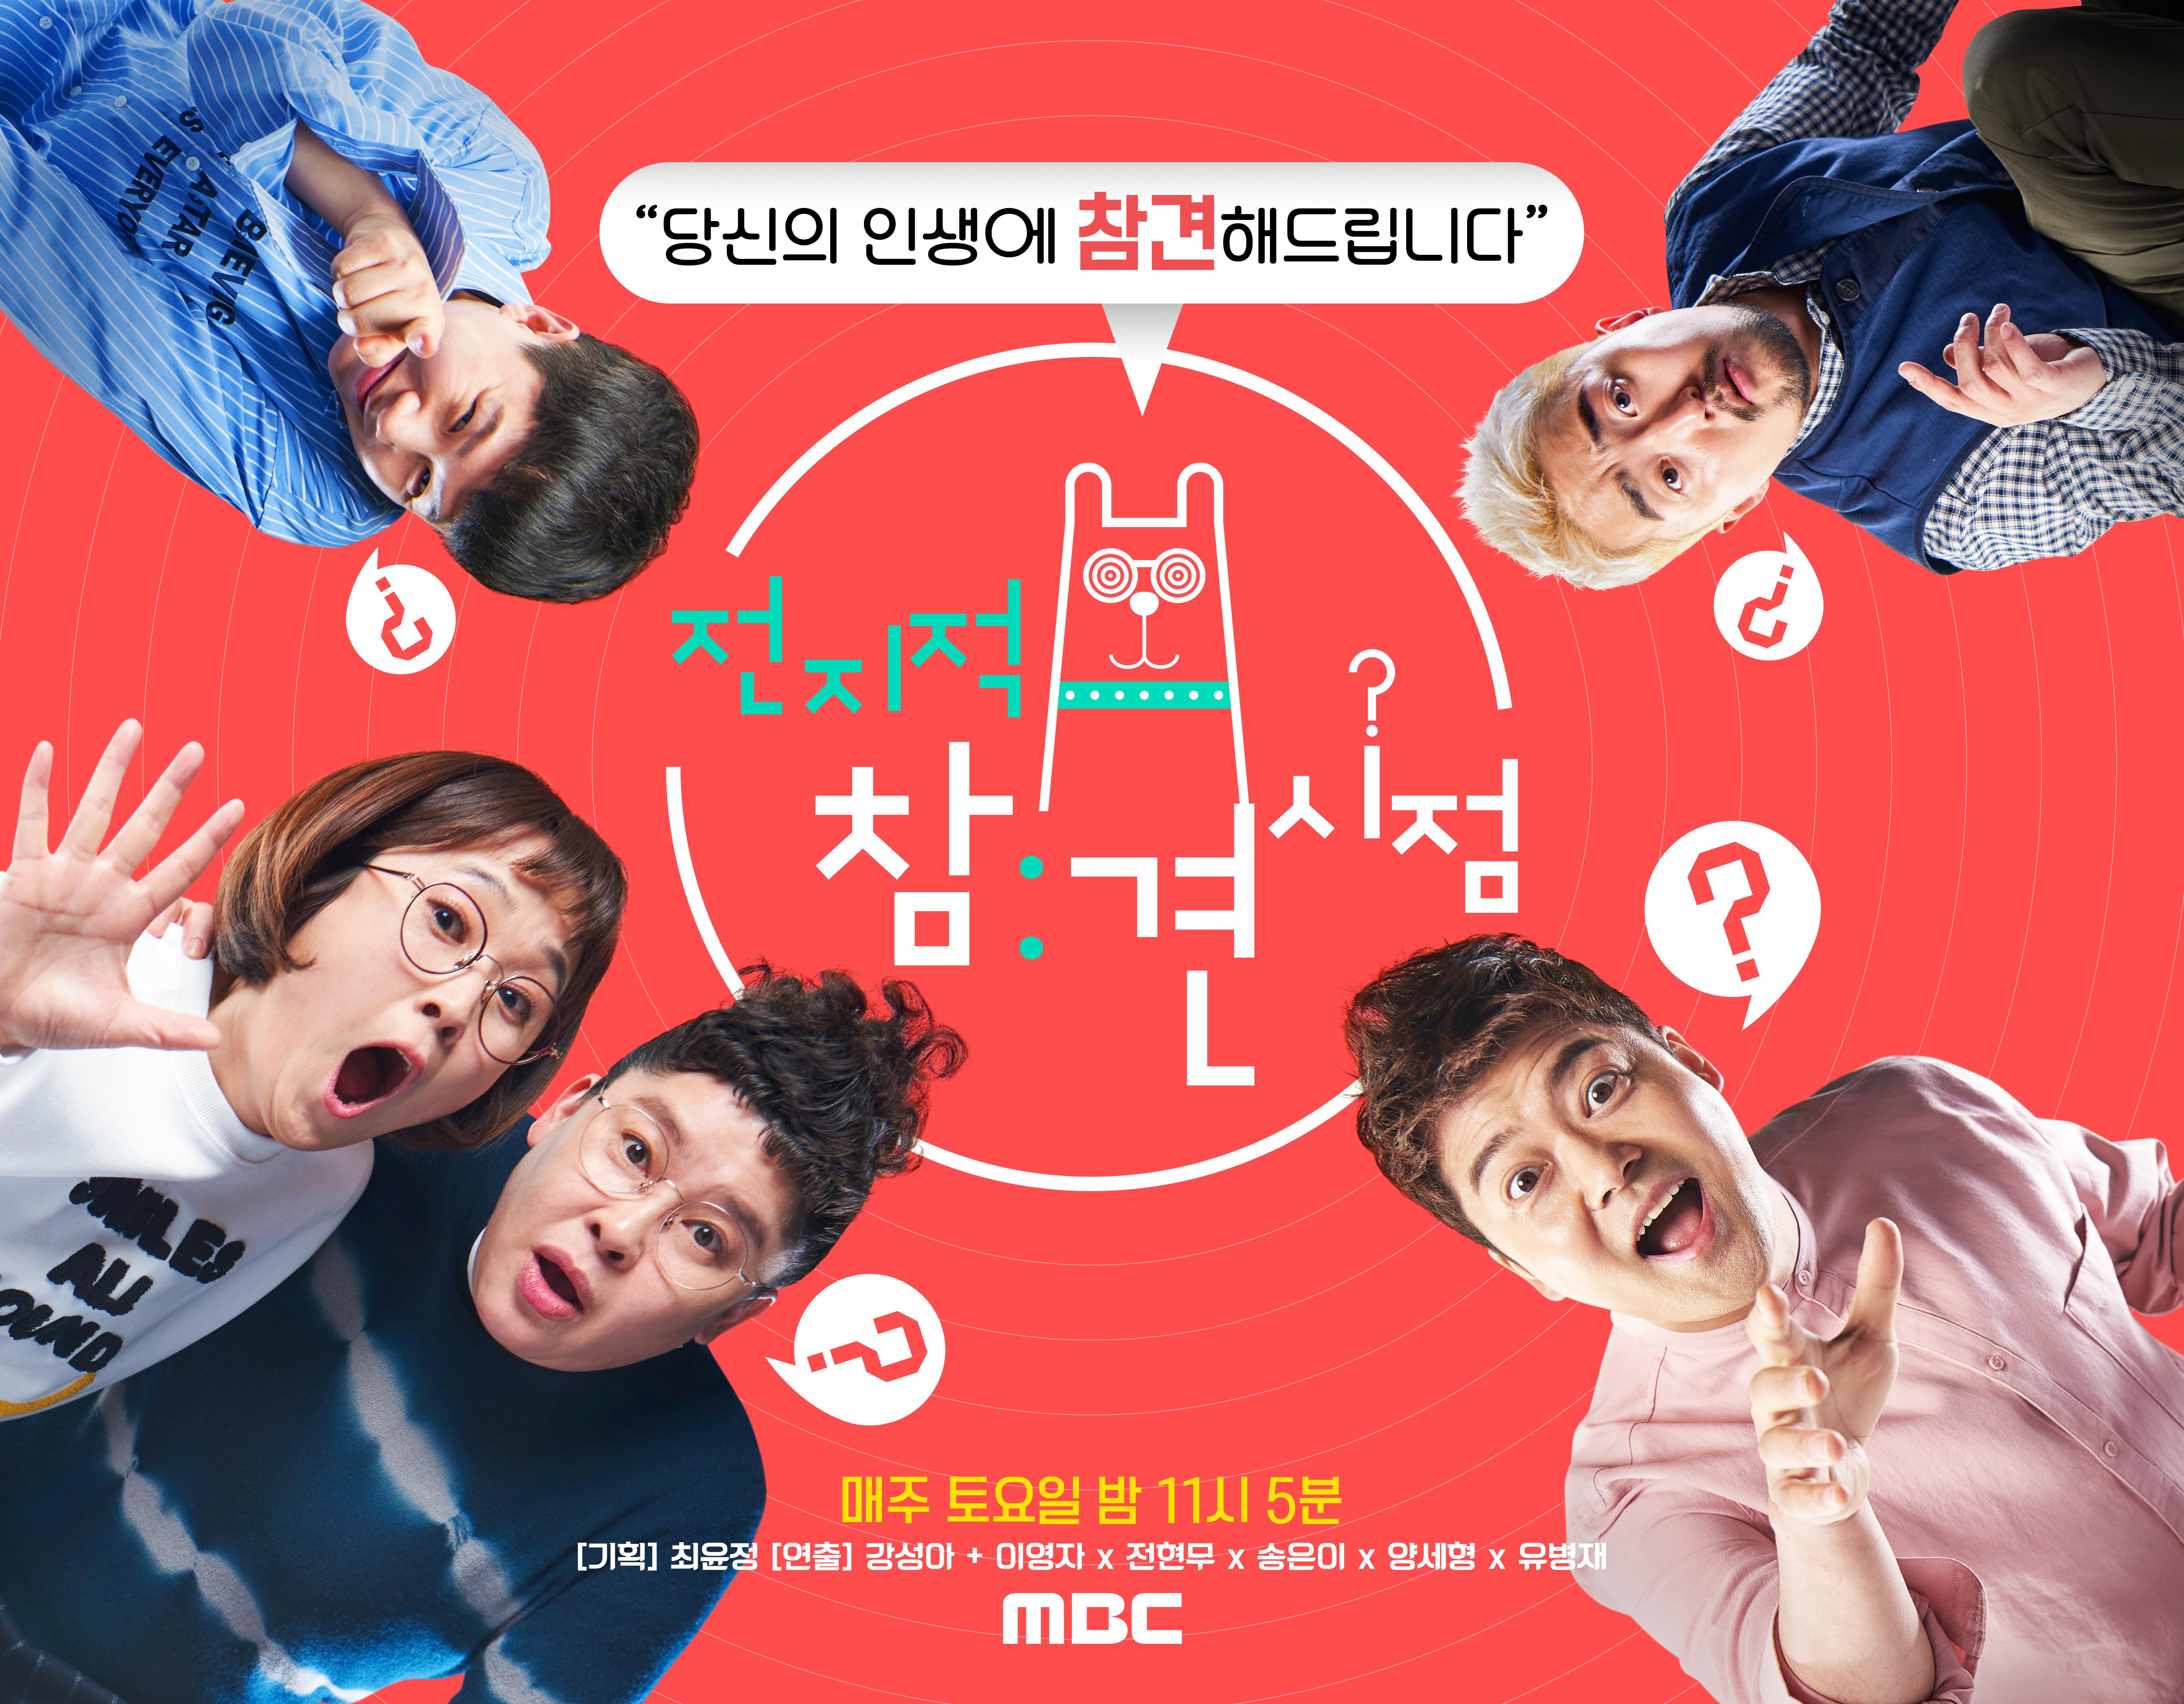 """세월호 유가족 """"MBC의 진심어린 노력에는 감사, 고의성 없다고 책임까지 사라지면 안돼"""""""